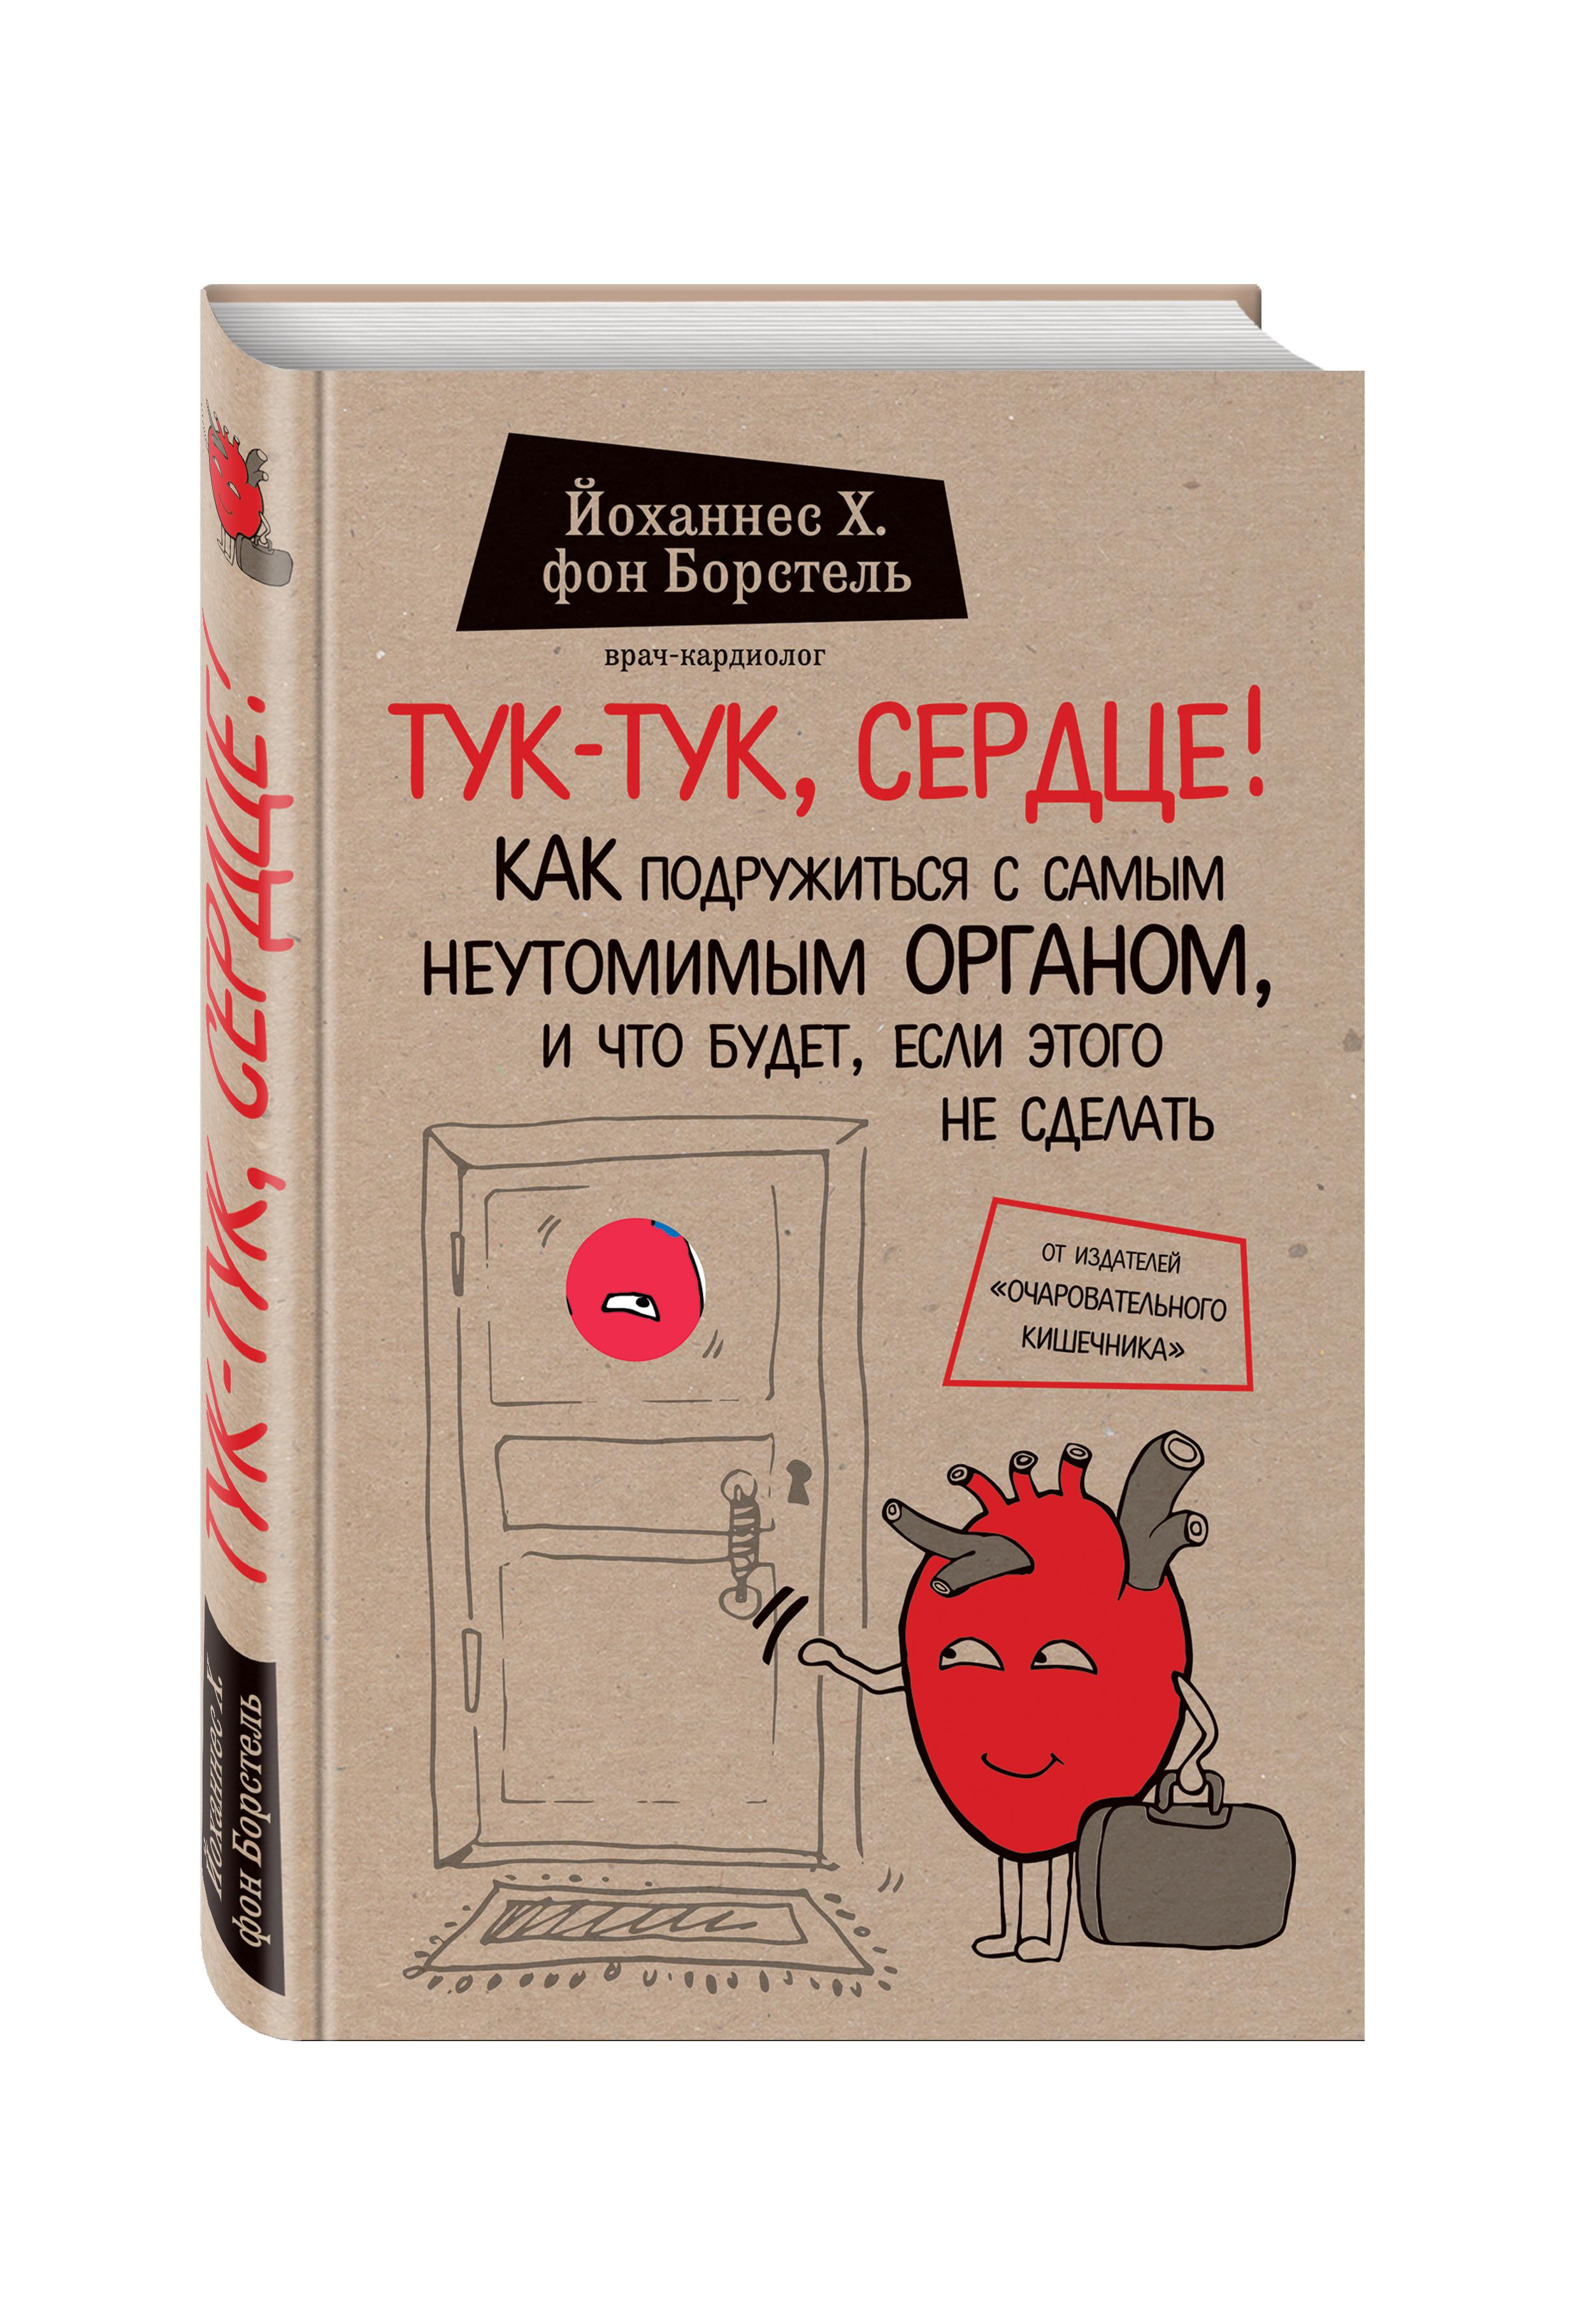 Тук-тук, сердце! Как подружиться с самым неутомимым органом и что будет, если этого не сделать ( фон Борстель Й.  )